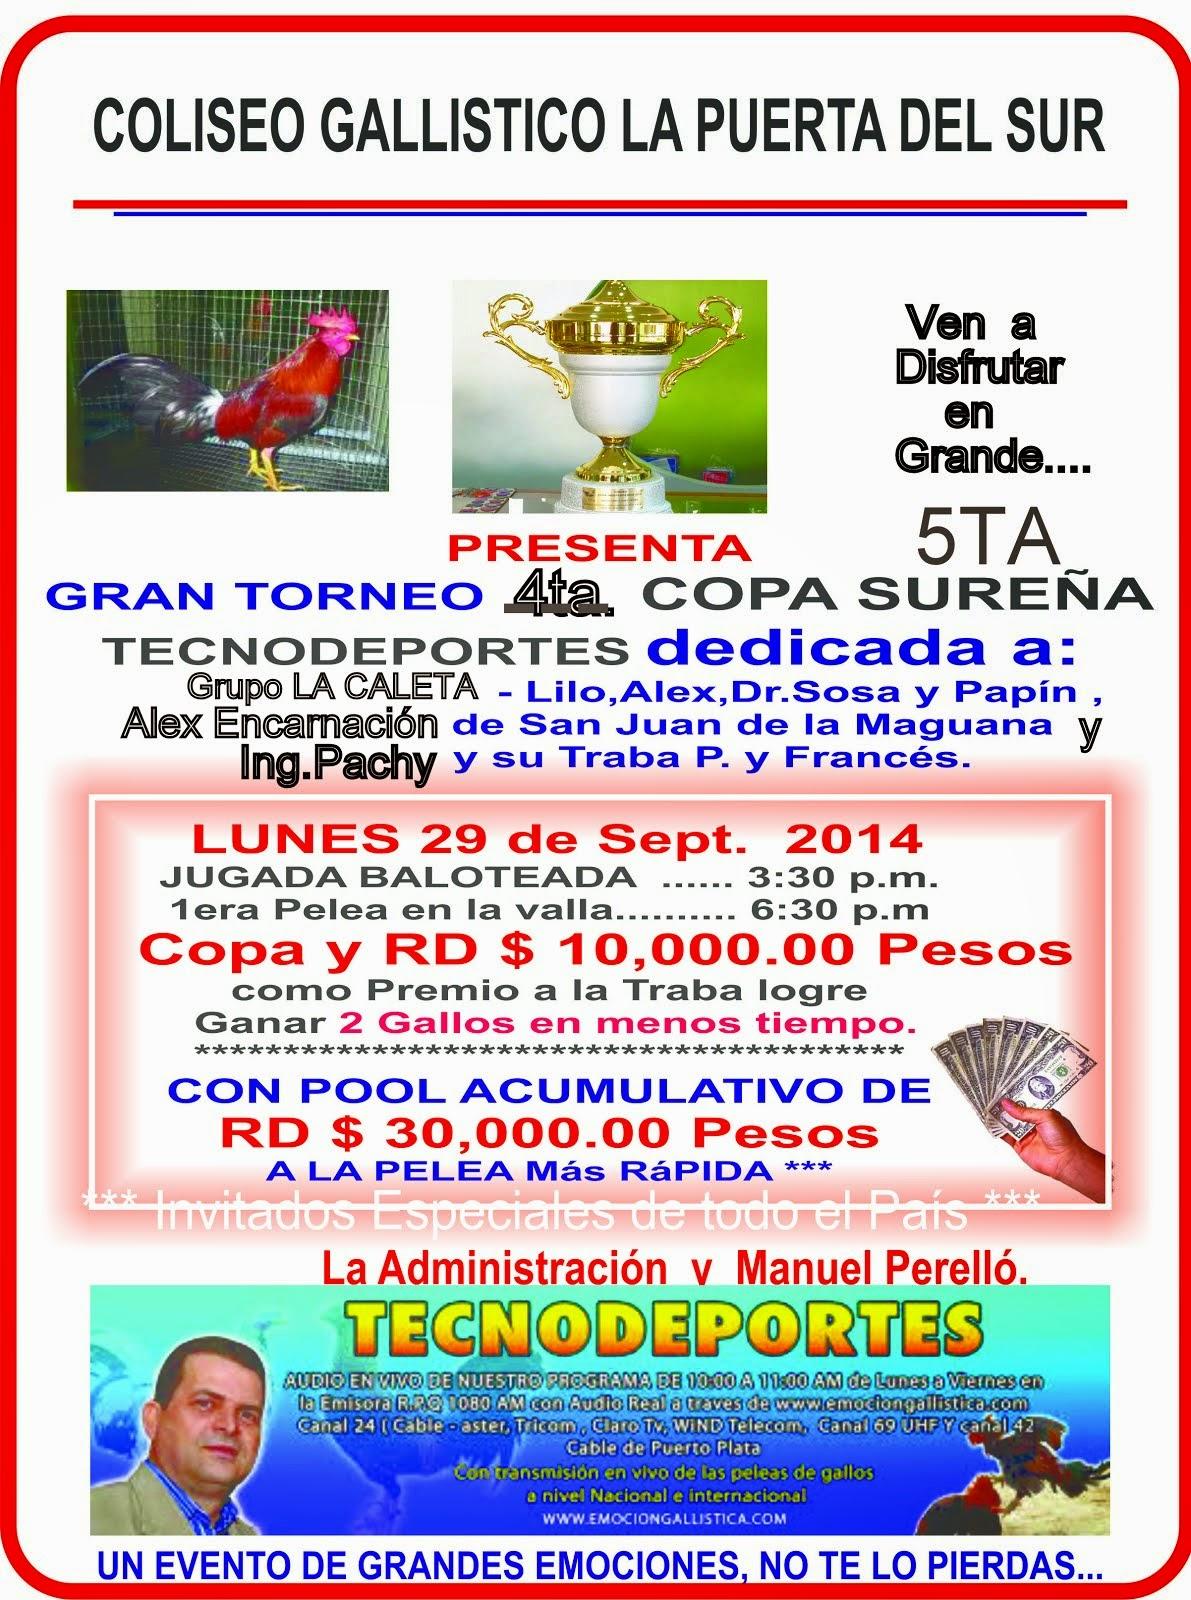 5TA COPA SUREÑA TECNODEPORTES - PROXIMO LUNES 29 DE SEPT.